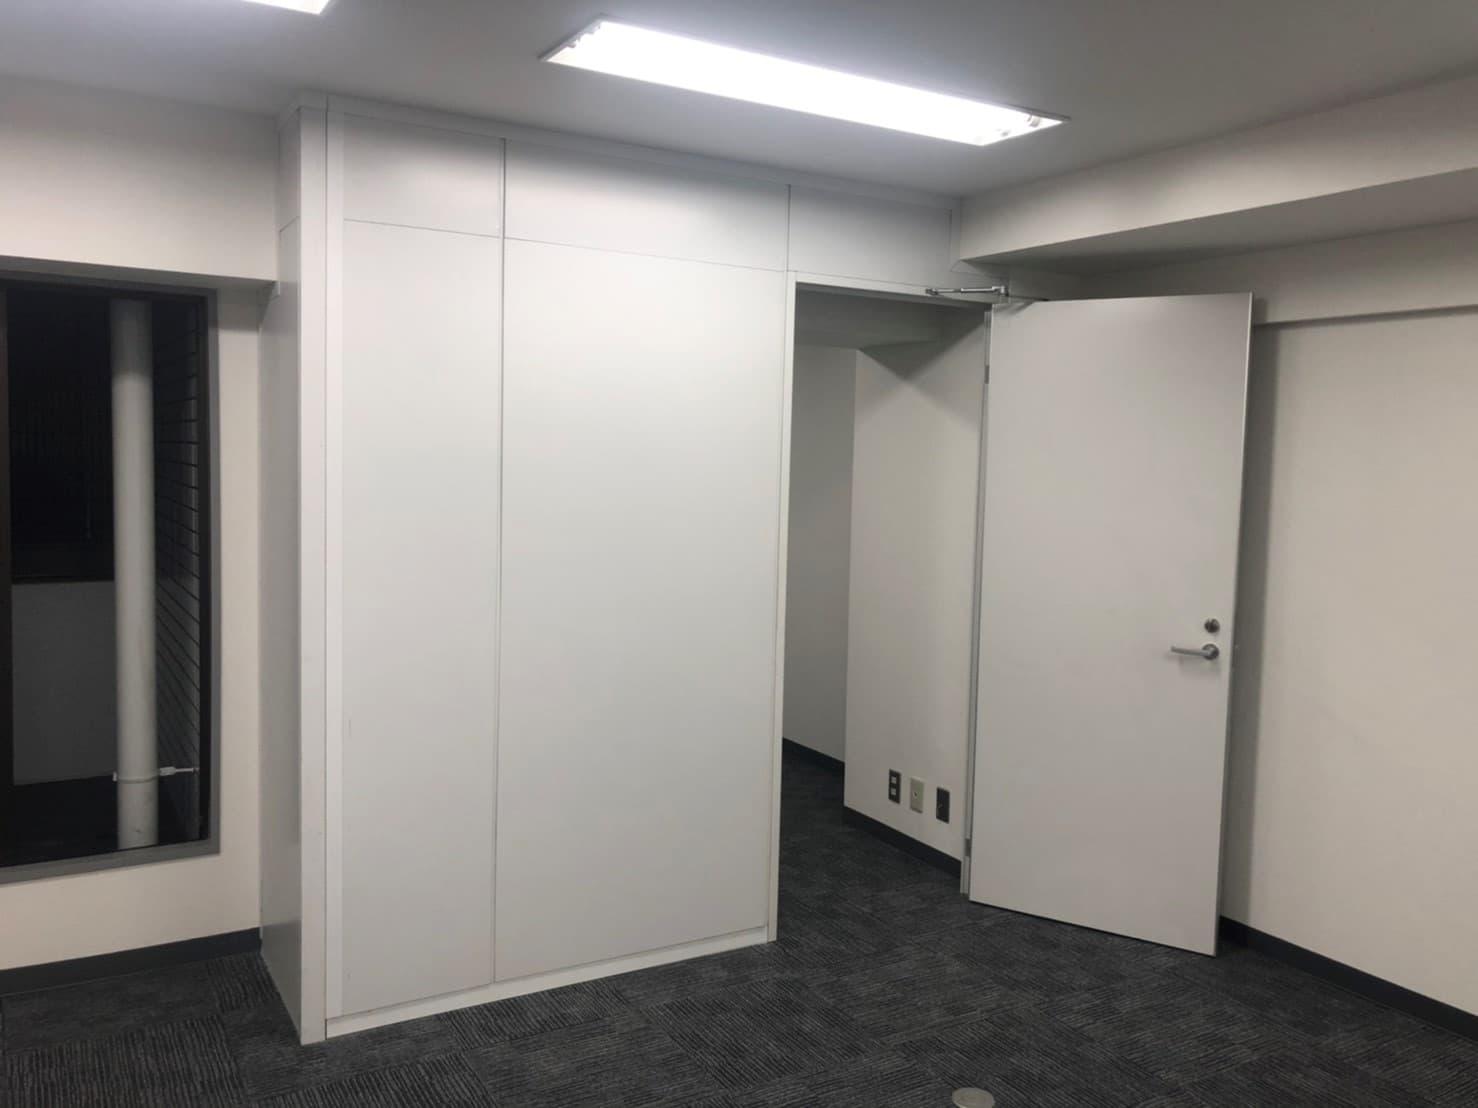 オフィスにパーテーション(間仕切り)を設置するメリットと注意点